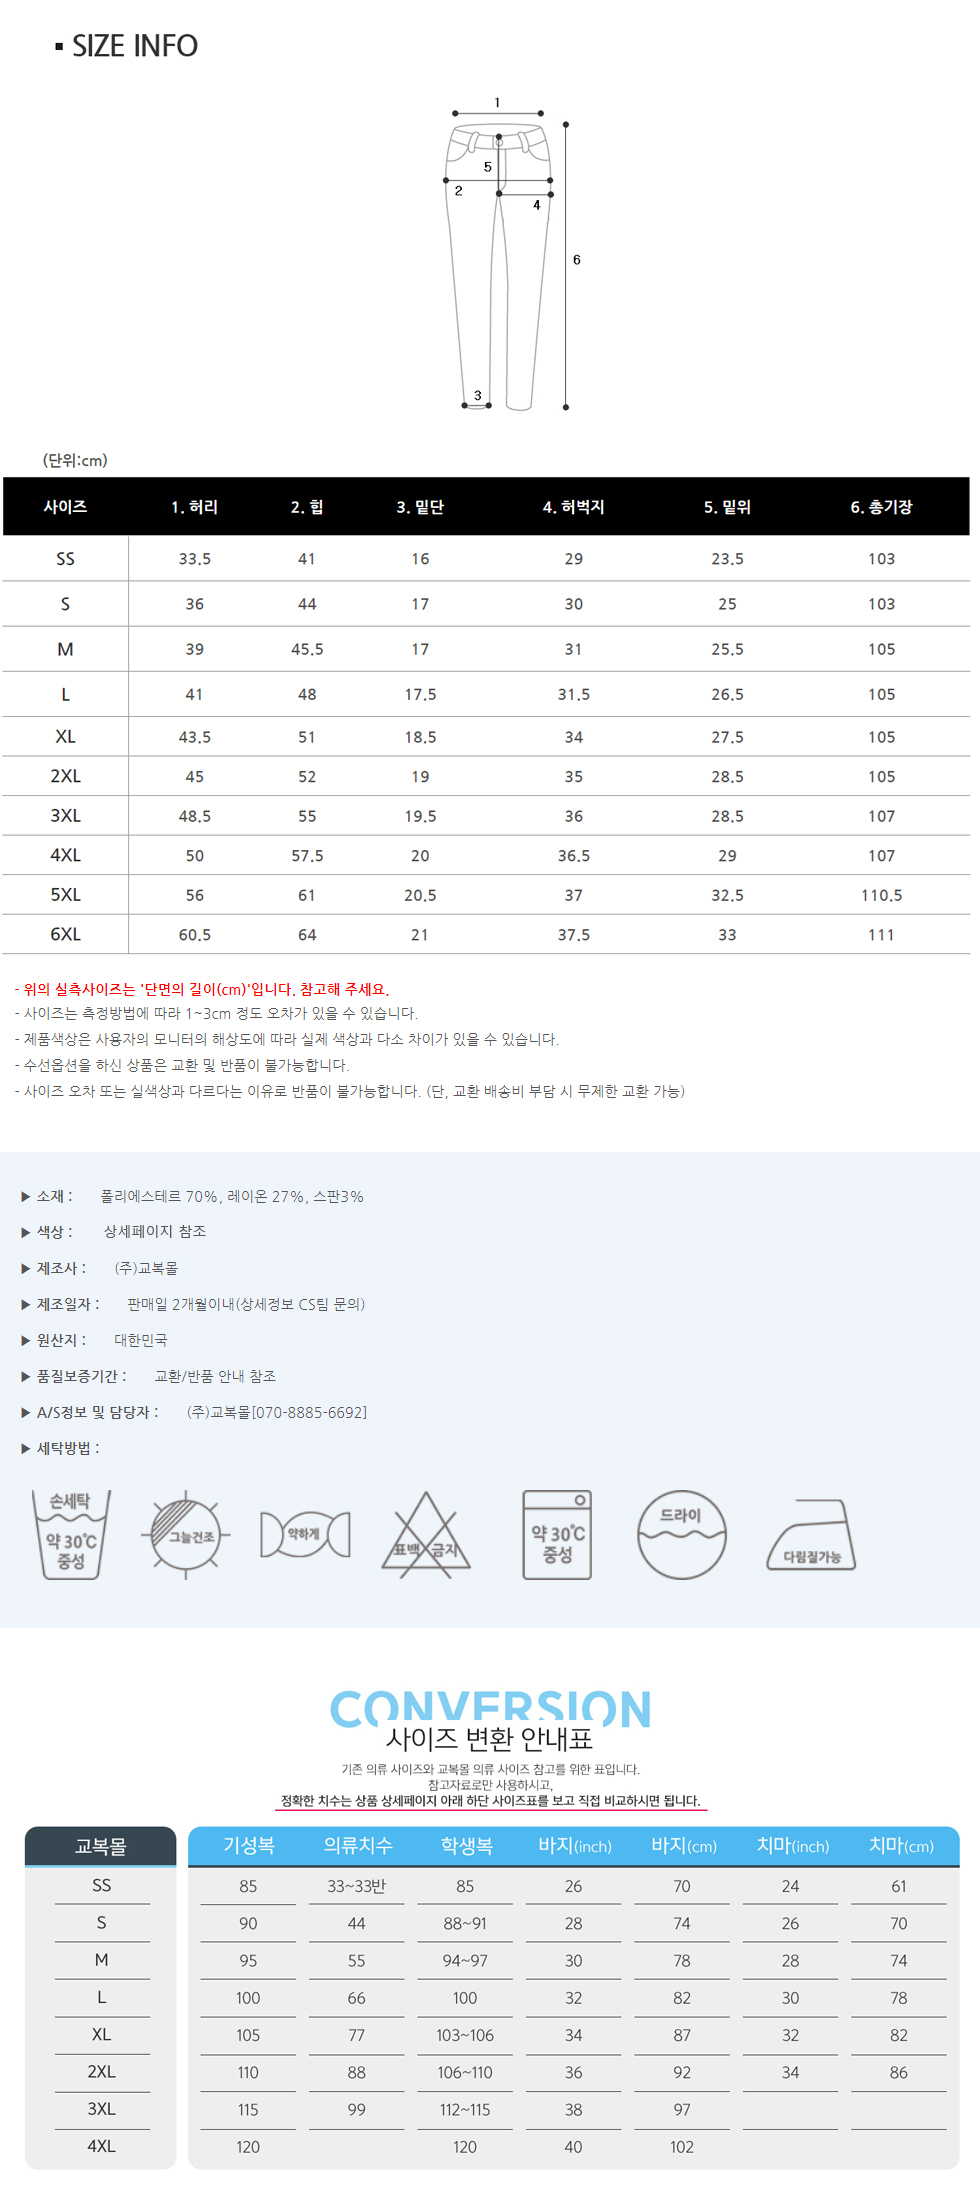 [하복][허리조절] 스판 진청색 교복바지(남자) - 교복몰, 42,800원, 남성 스쿨룩, 하의